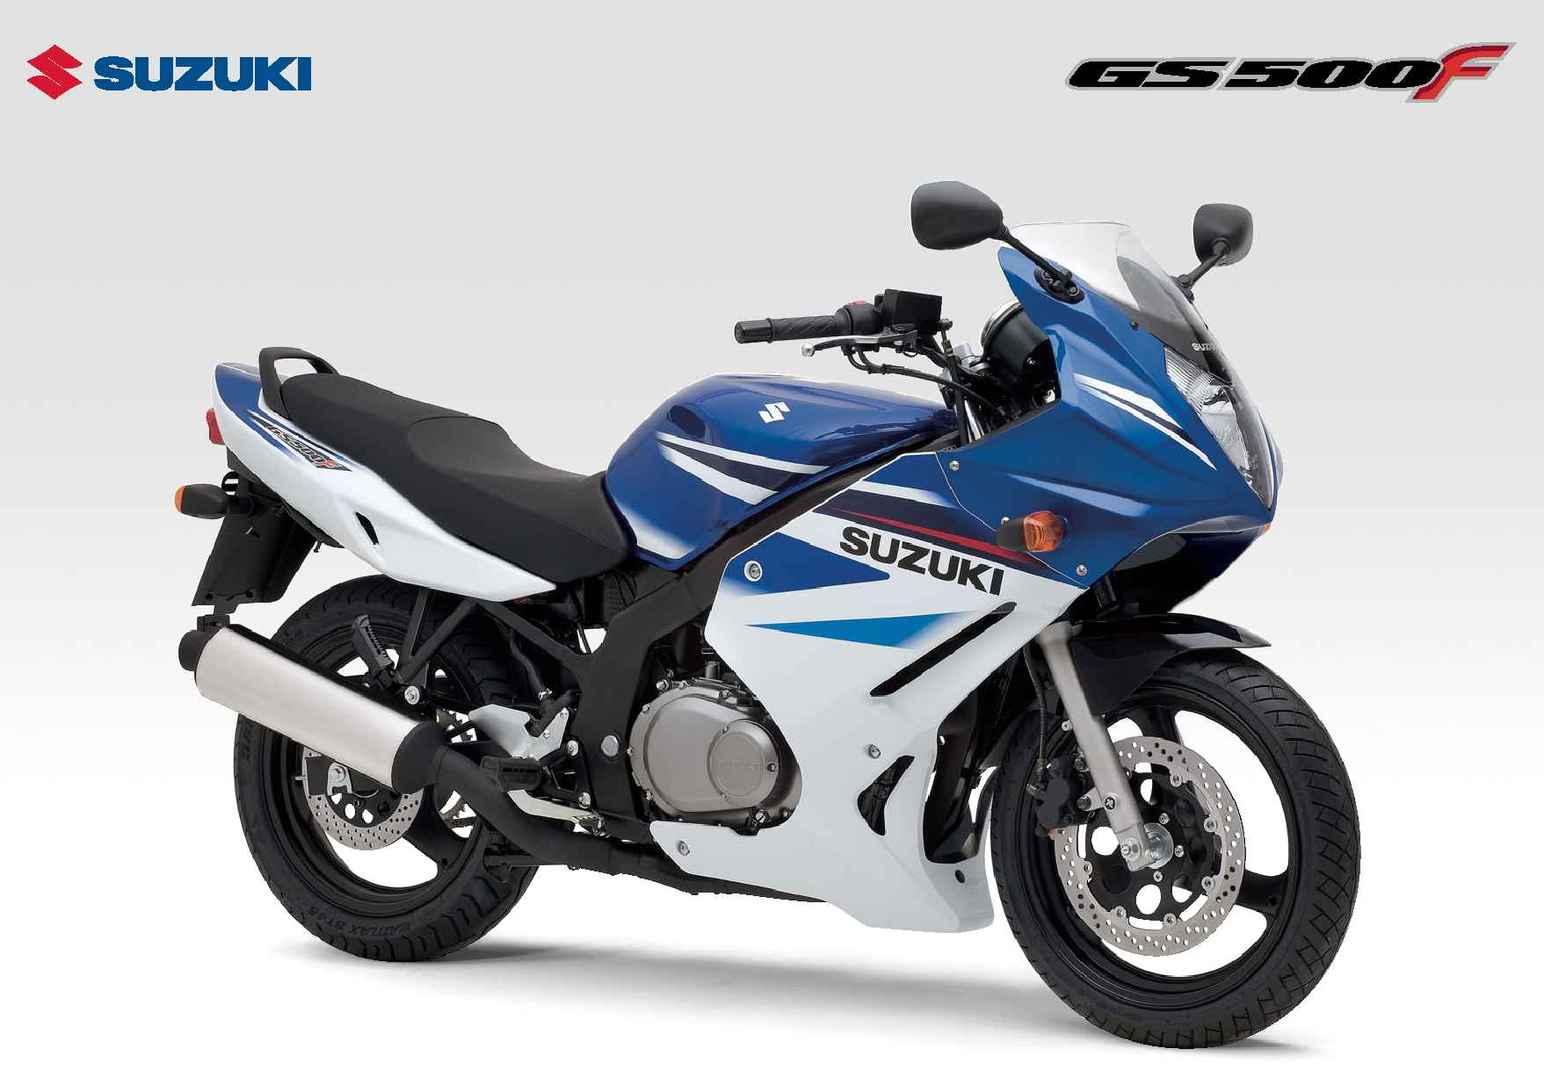 Suzuki - 99999 A 0118 171